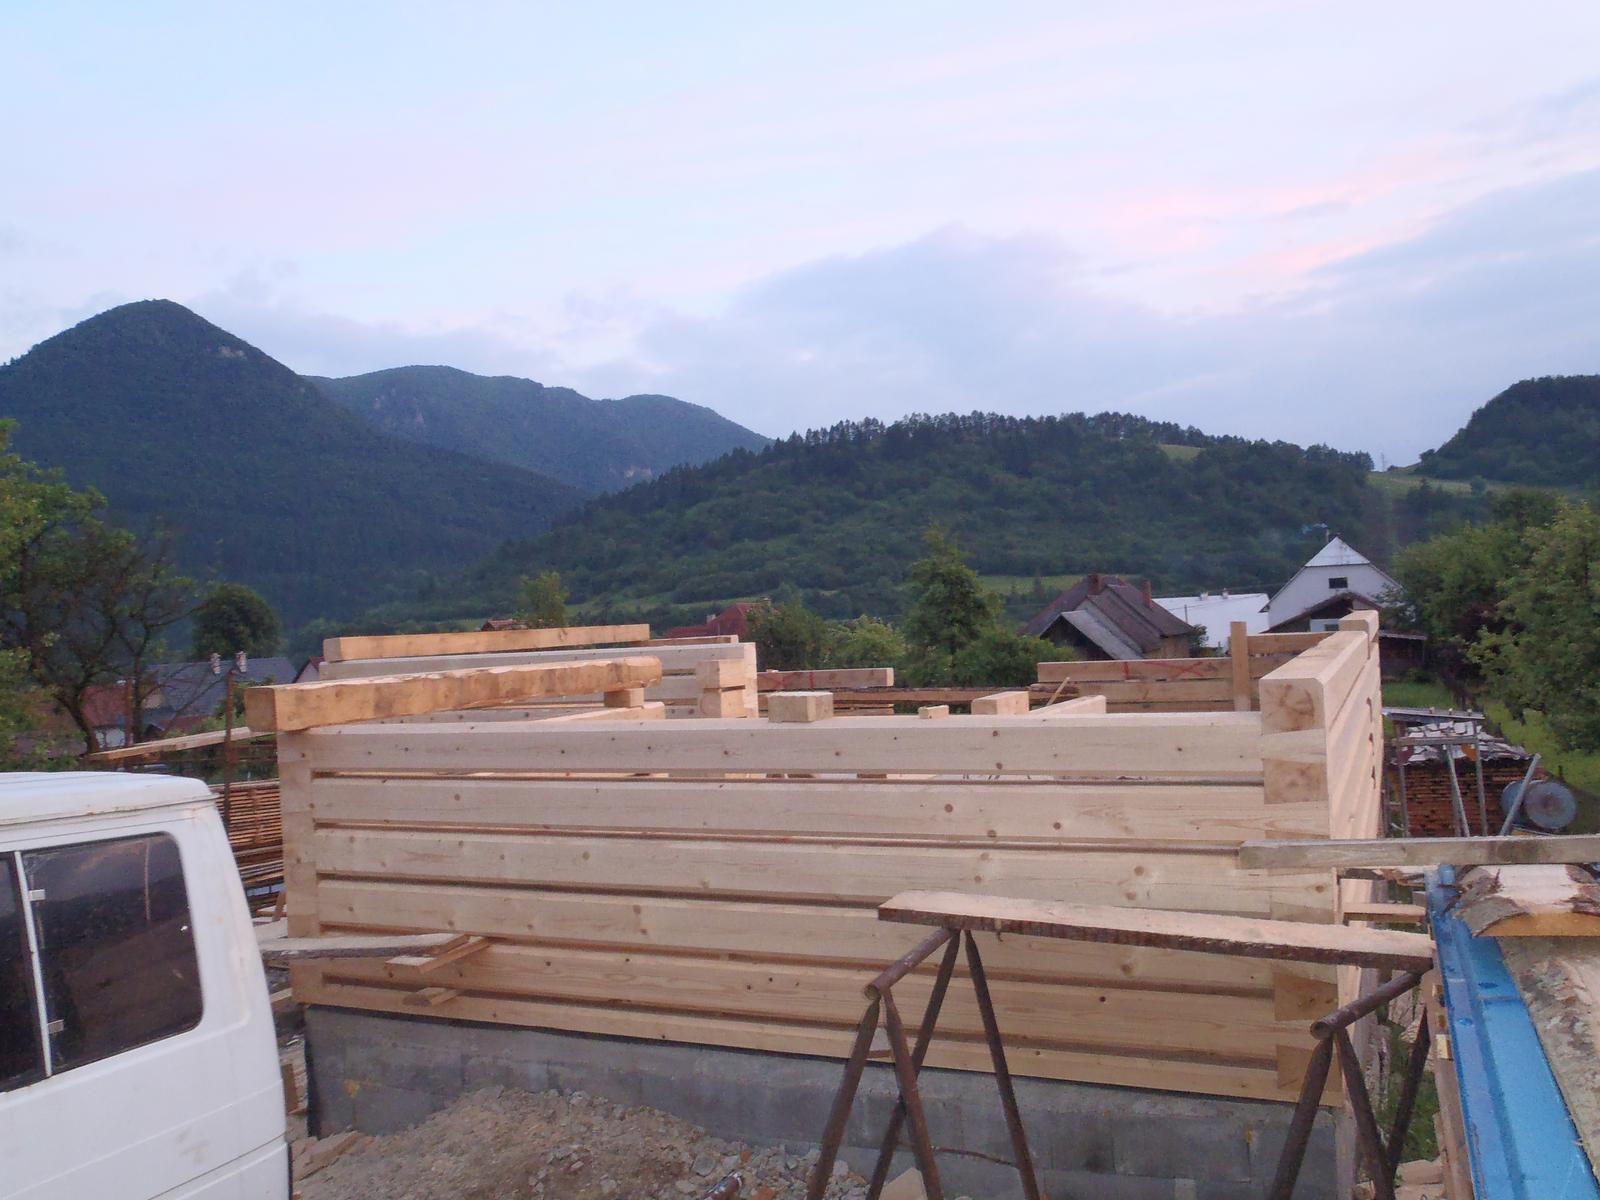 Náš veľký sen o drevenom domčeku! - 3 deň od začatia